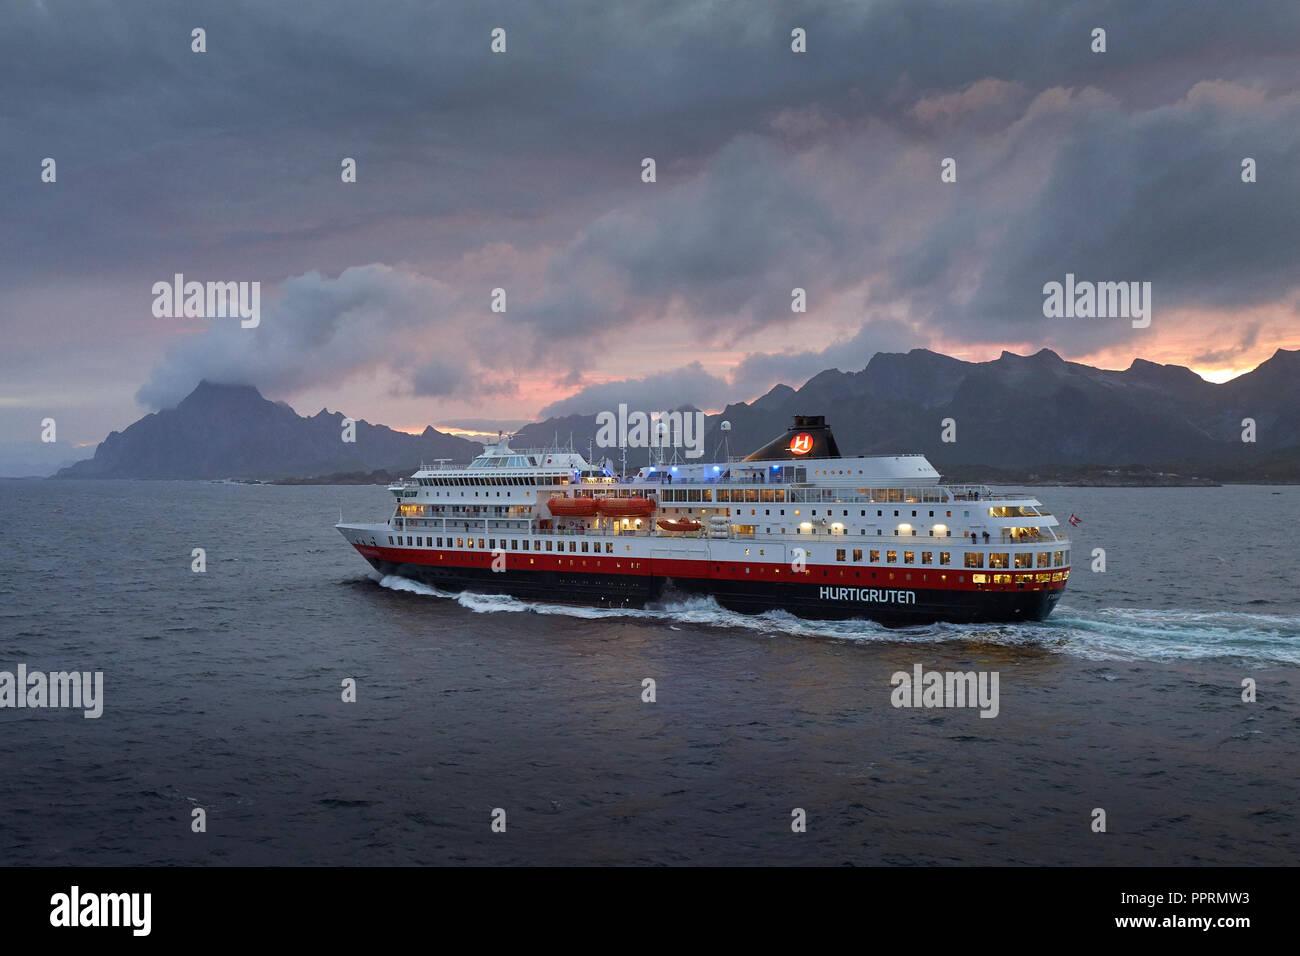 Le ferry Hurtigruten, MS FINNMARKEN, en direction du sud depuis Svolvær. Les montagnes spectaculaires des îles Lofoten et le soleil de minuit derrière la Norvège. Banque D'Images